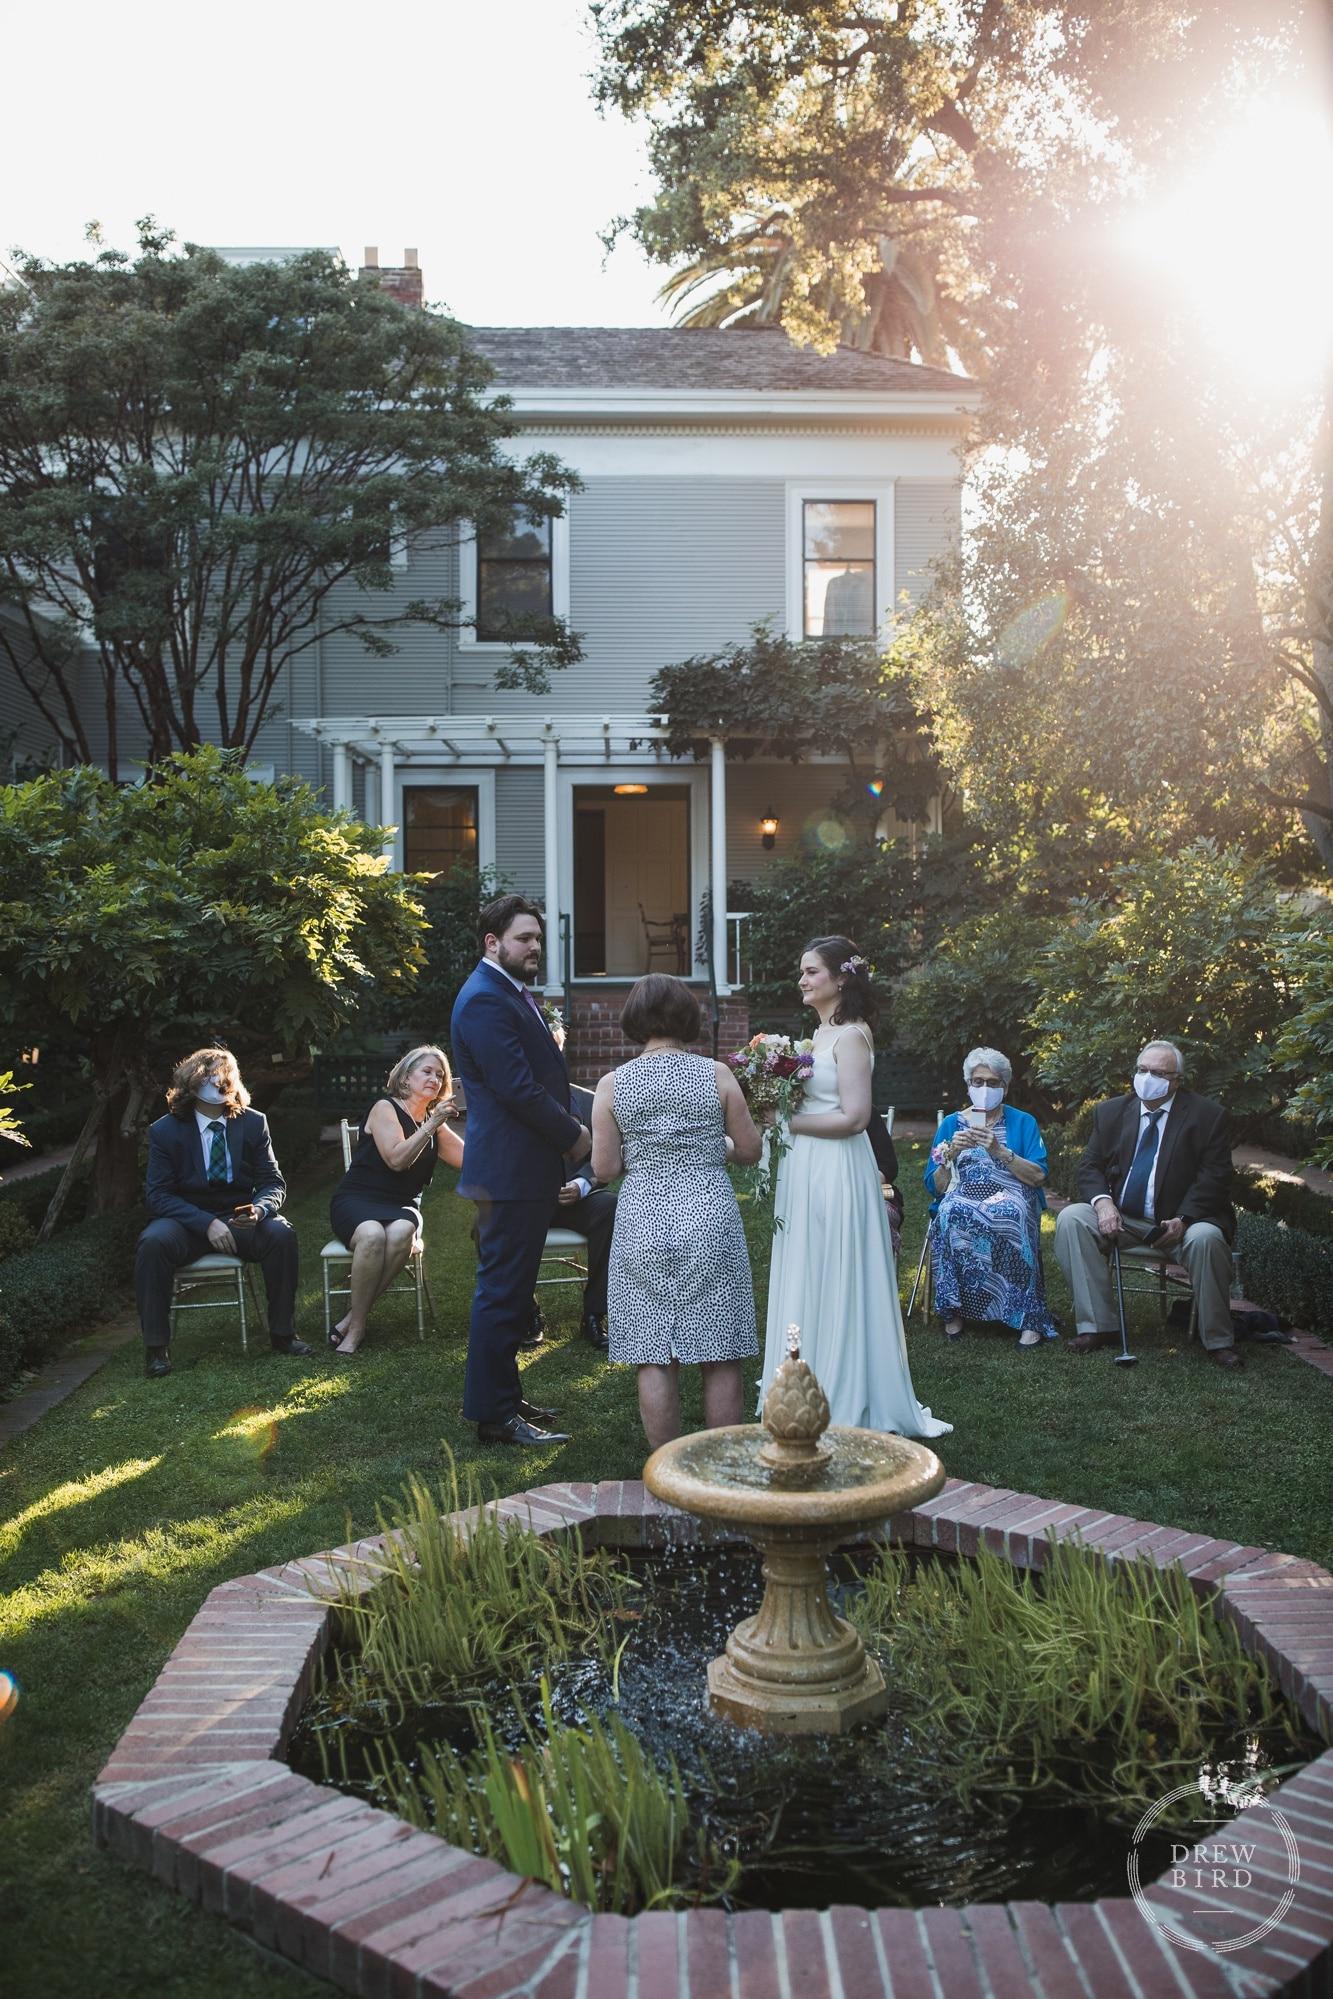 Micro wedding elopement at Gamble Gardens in Palo Alto. San Francisco wedding photographer Drew bird.